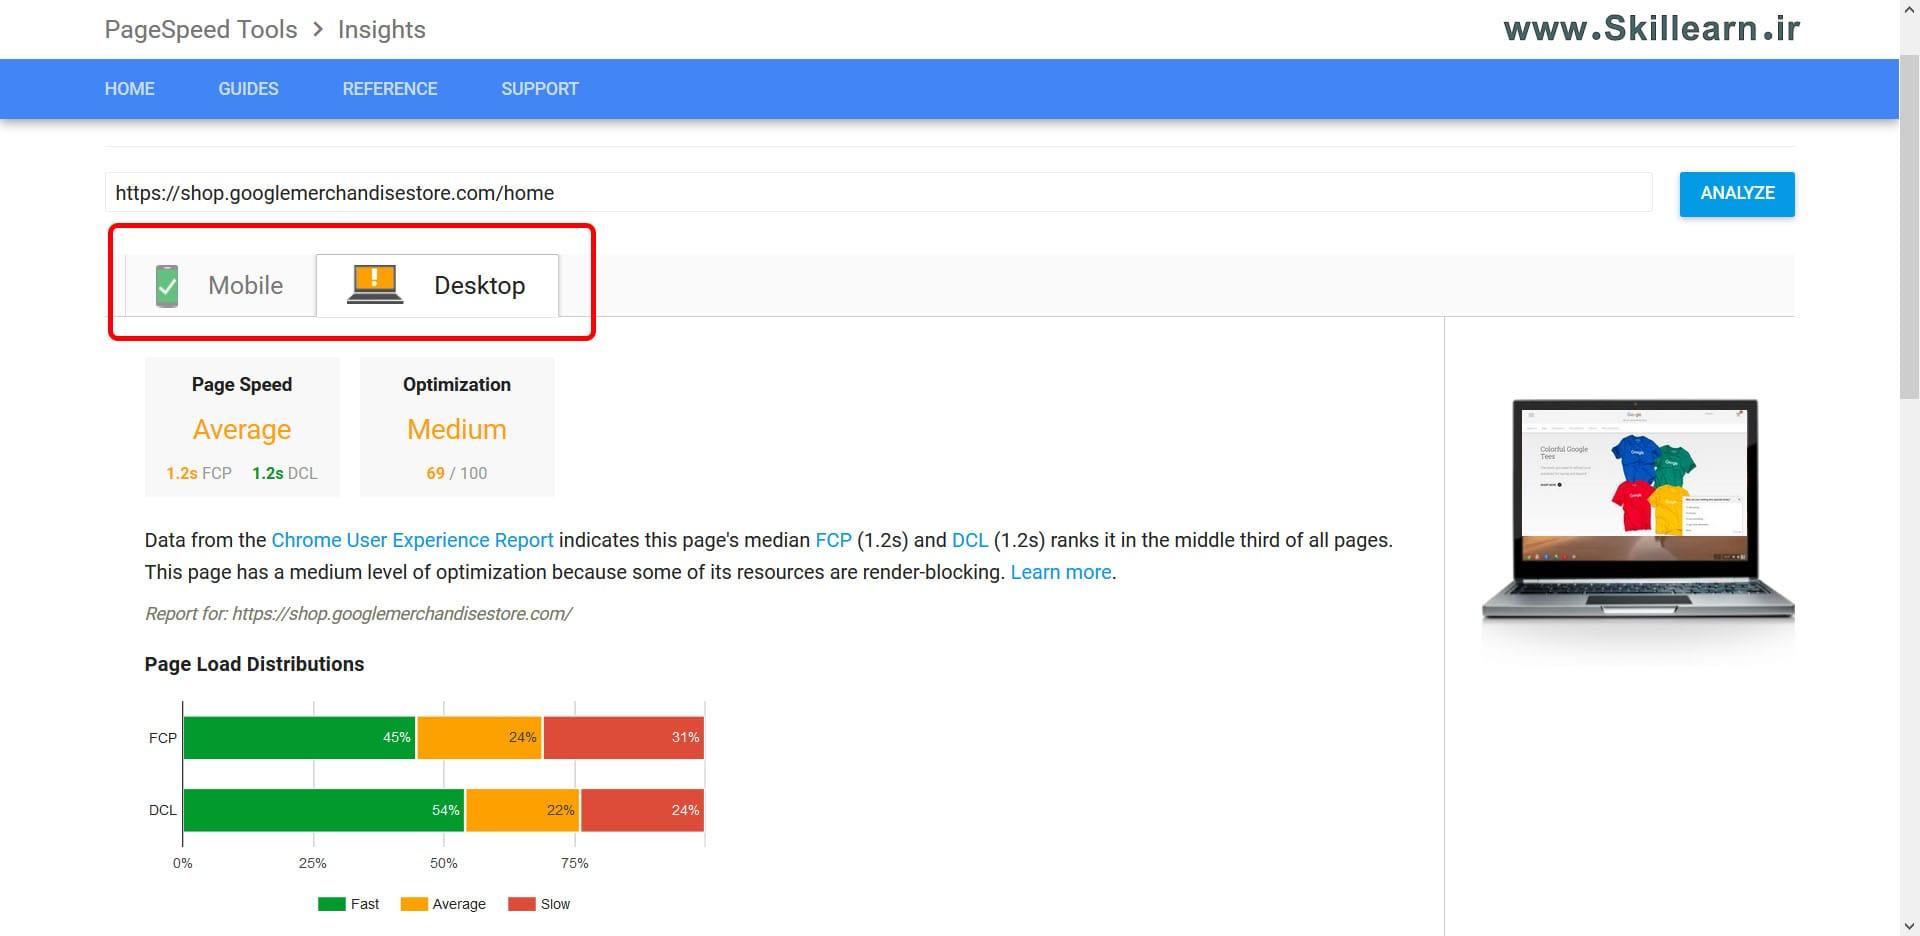 بررسی سرعت لود صفحات در گزارش Speed Suggestions به منظور بهبود سرعت در گوگل آنالیتیکس